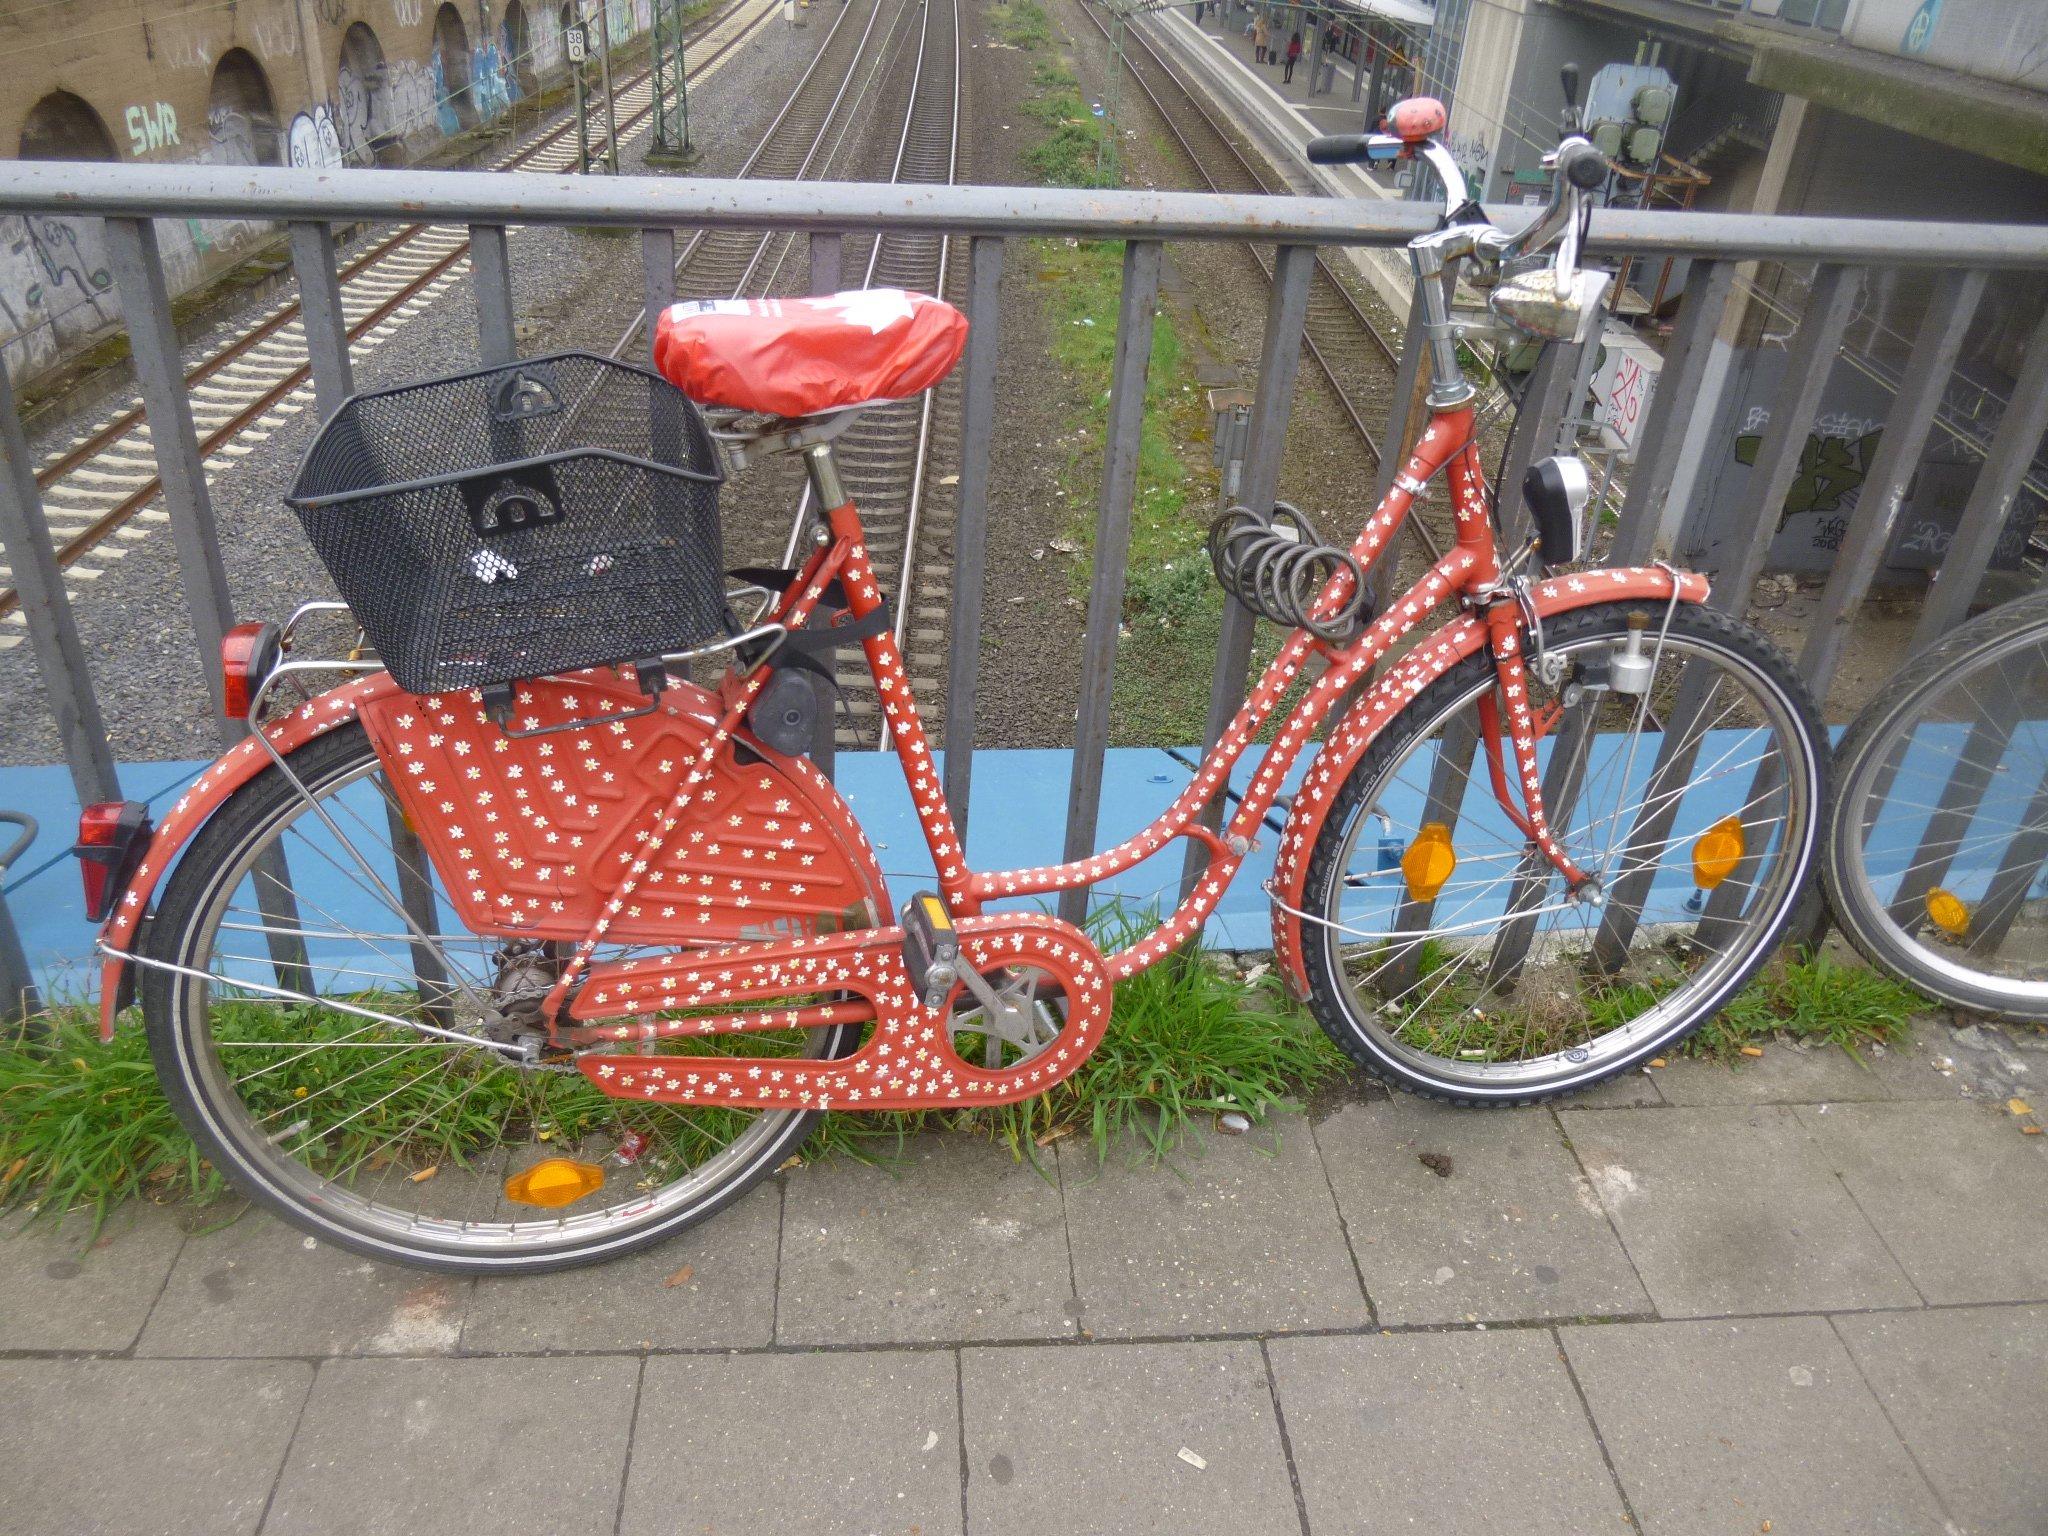 rot-weisses Fahrrad